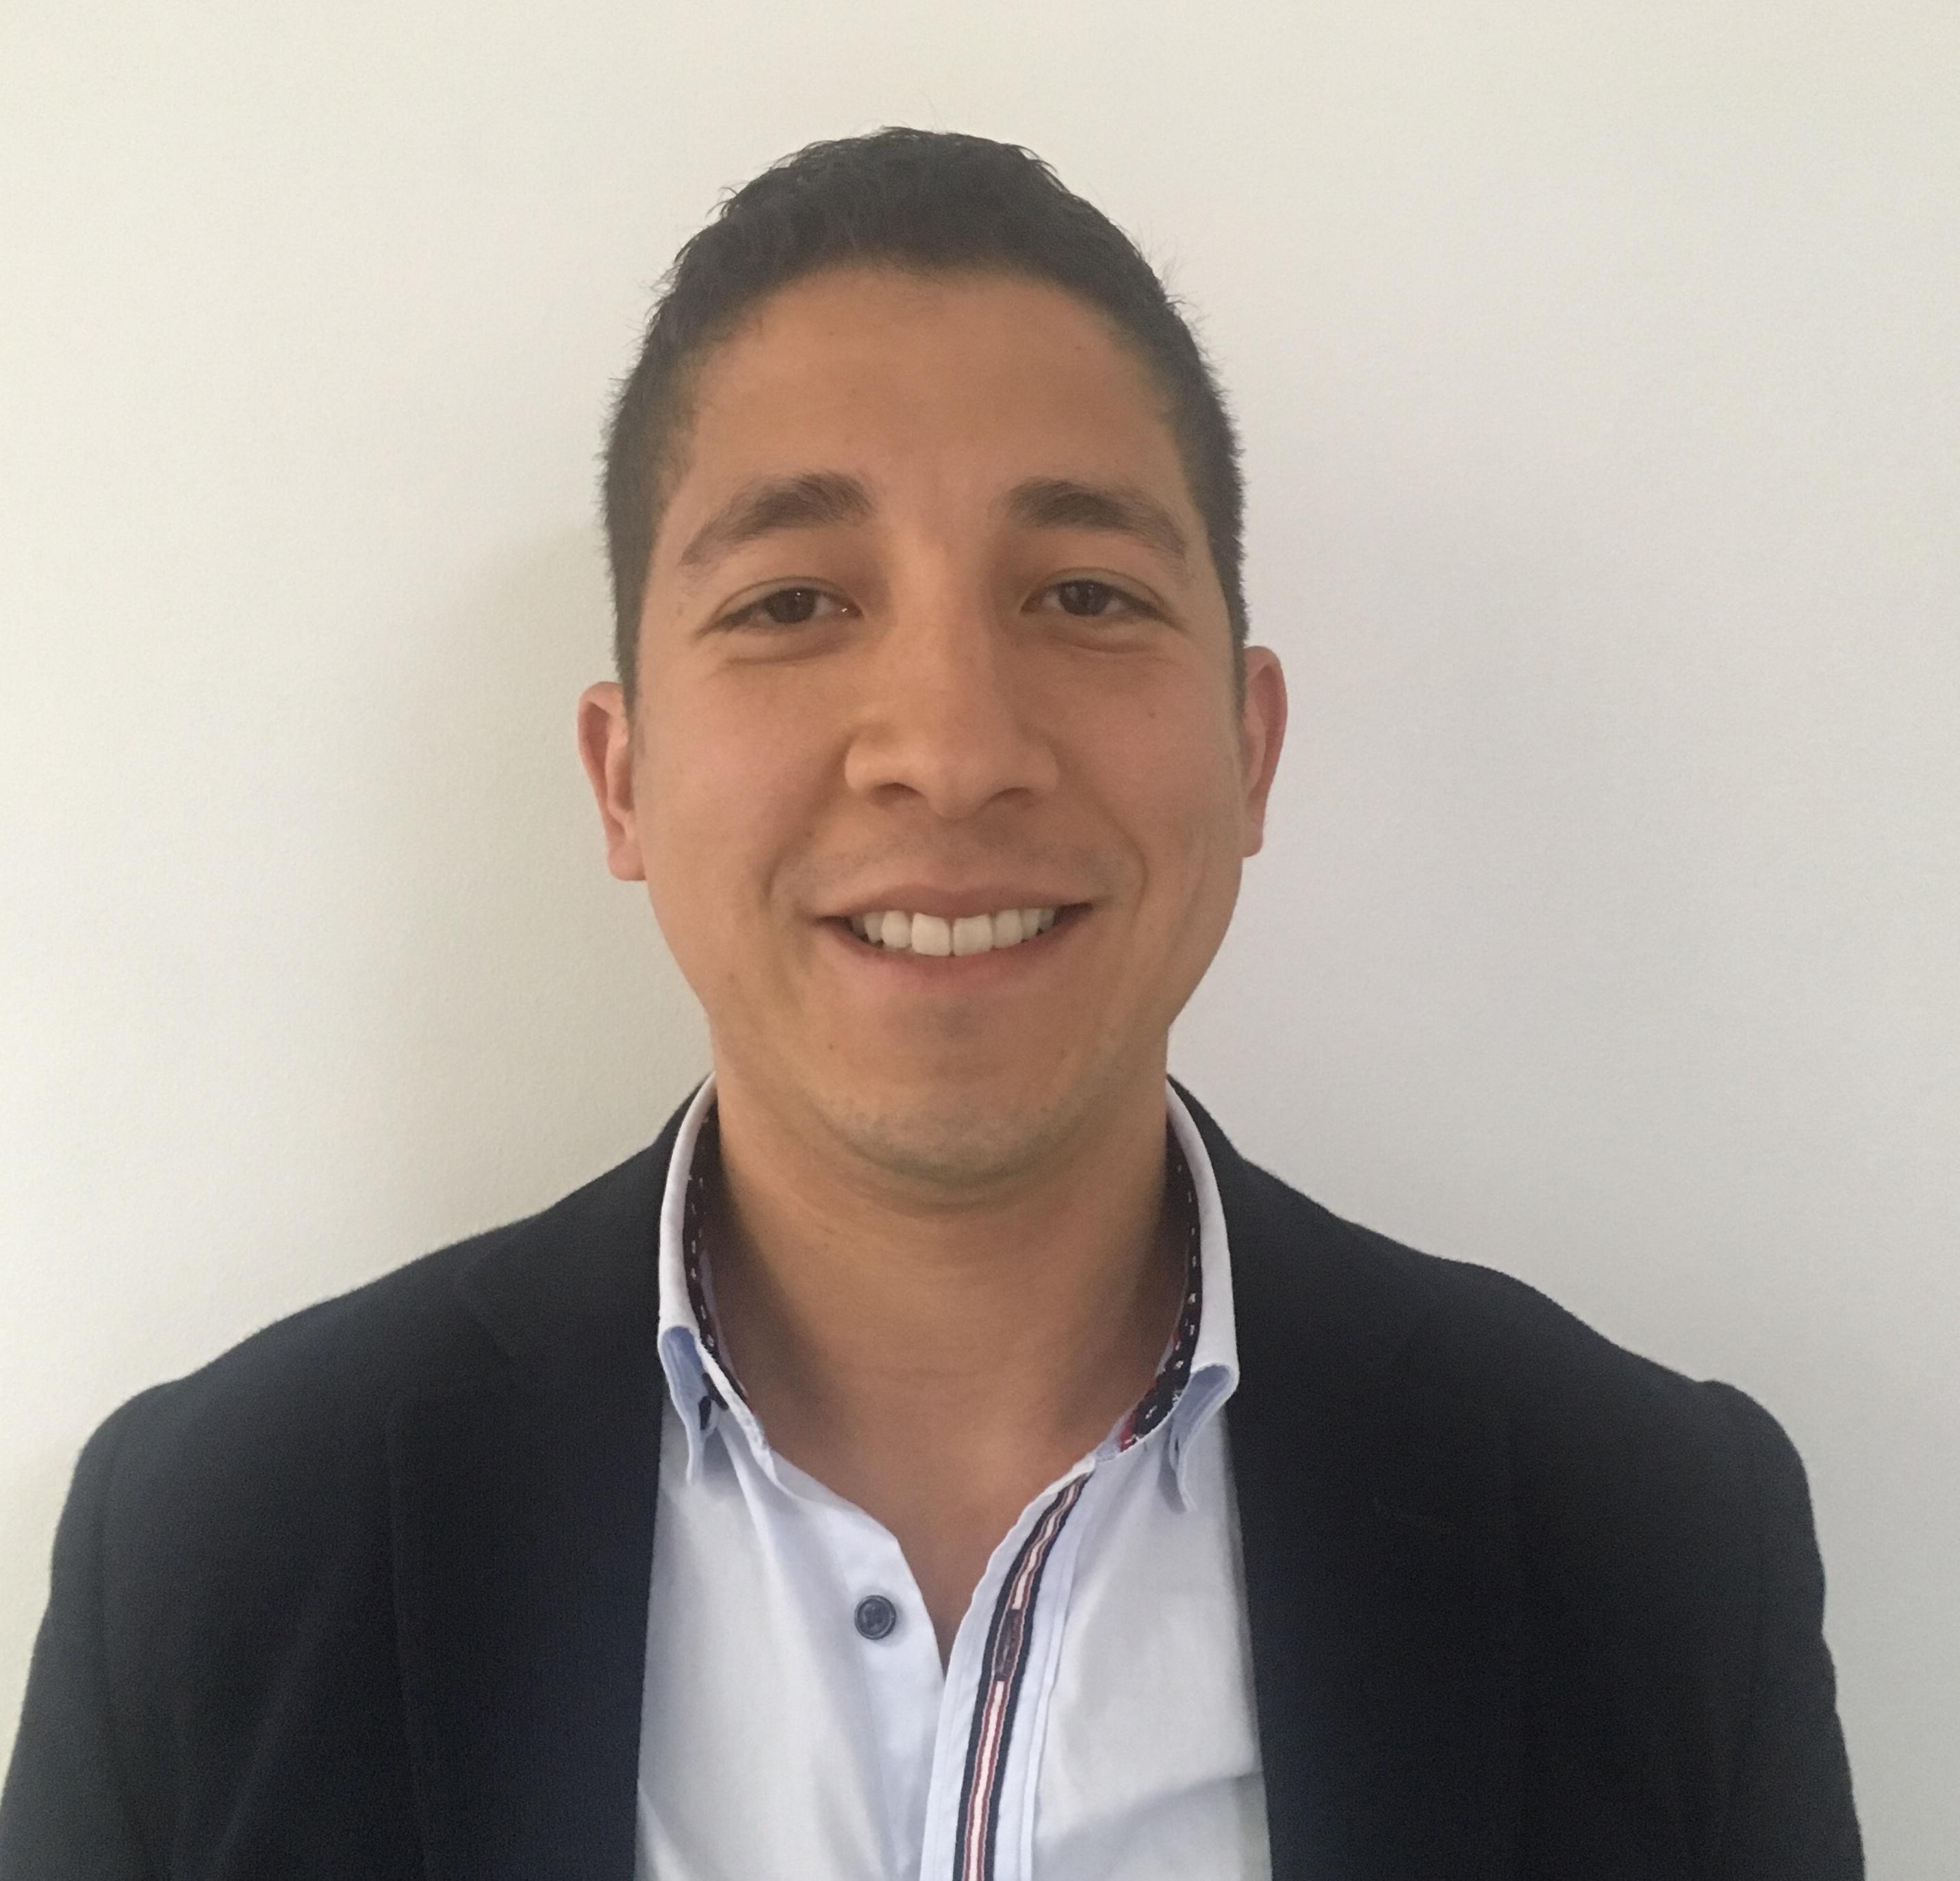 Luis Rodolfo Alvarez